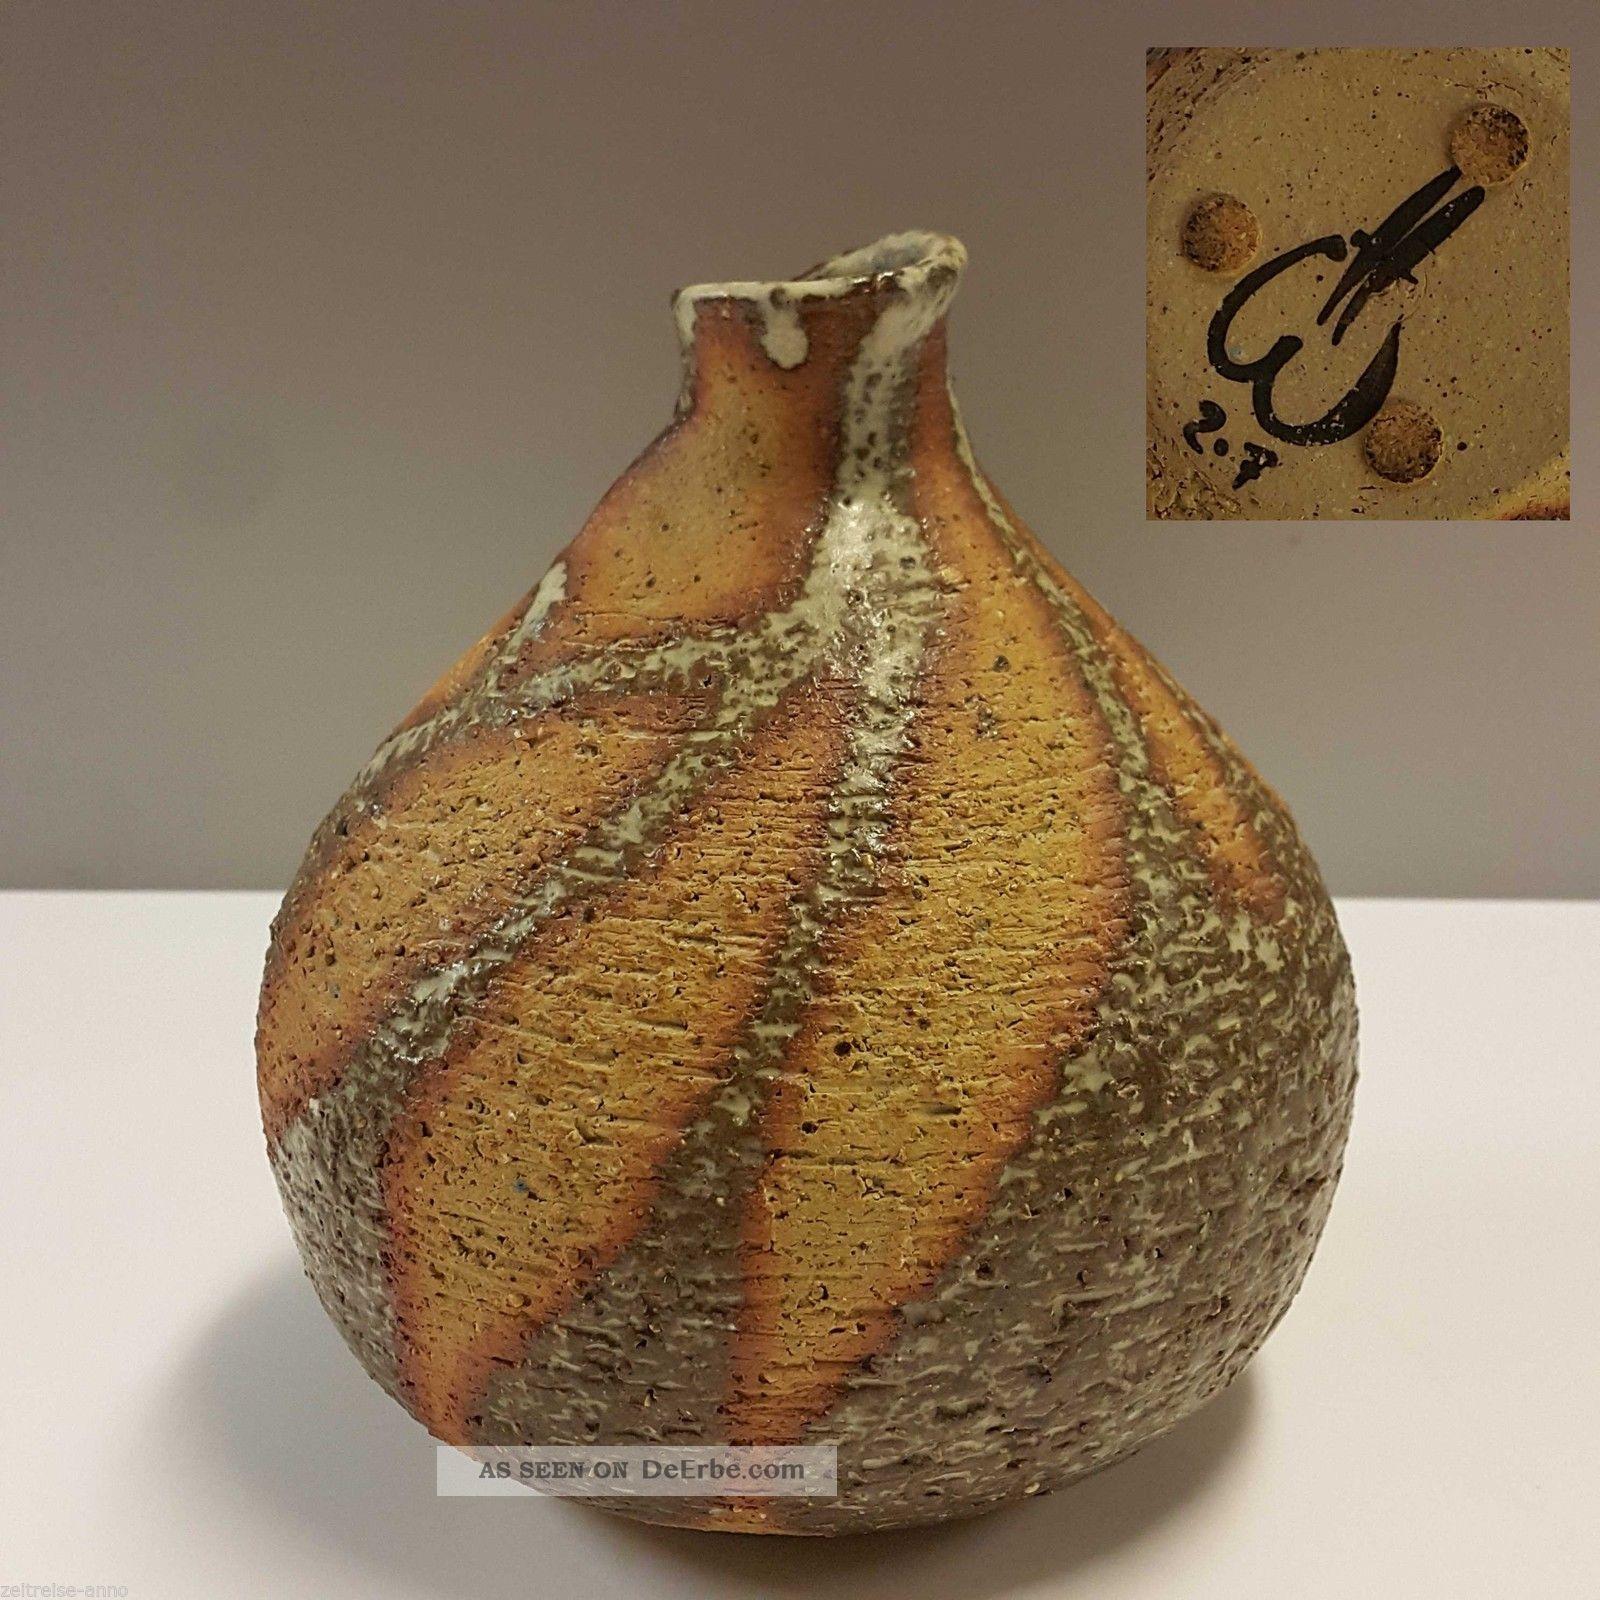 Ausgefallene Studiokeramik Kürbis Vase Blumenvase Handarbeit Steinoptik Signiert Nach Form & Funktion Bild